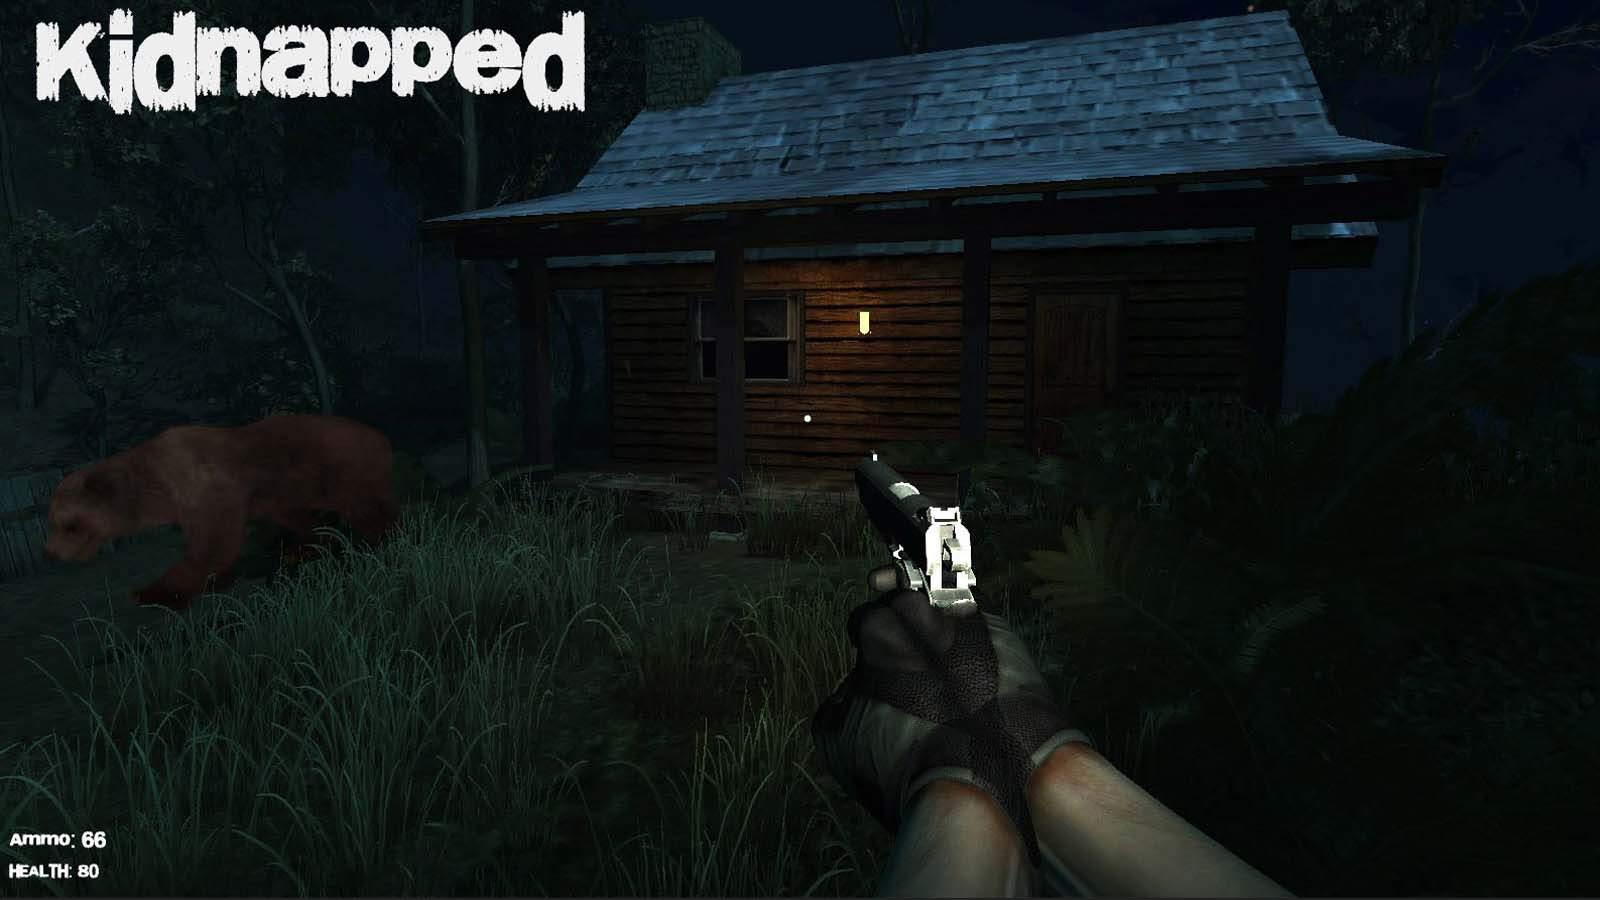 تحميل لعبة Kidnapped مضغوطة كاملة بروابط مباشرة مجانا